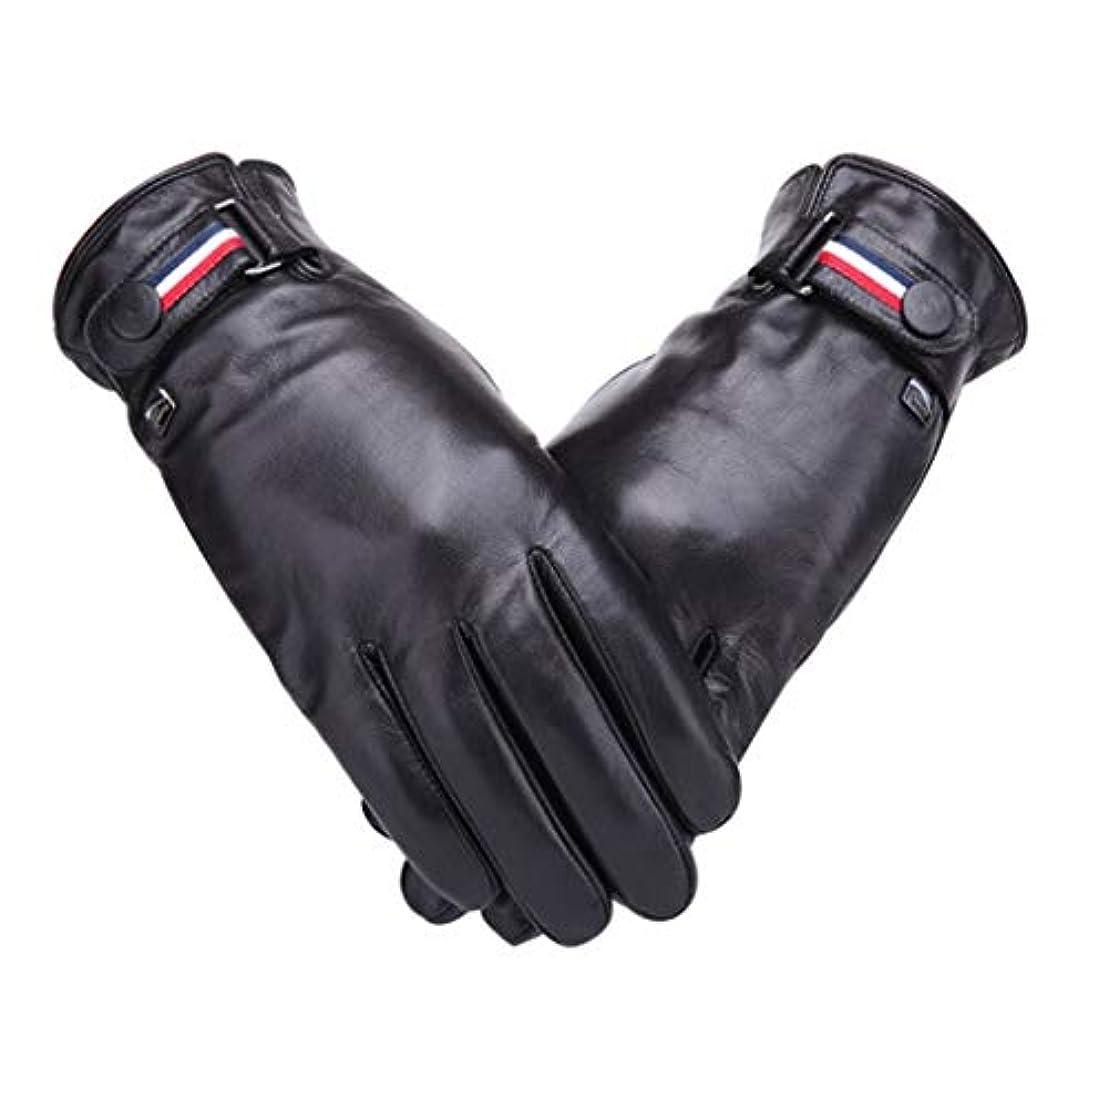 傀儡はず歩く羊皮の手袋の男性秋と冬のサイクリングwindproof暖かいプラスベルベットの肥厚の男性の手袋